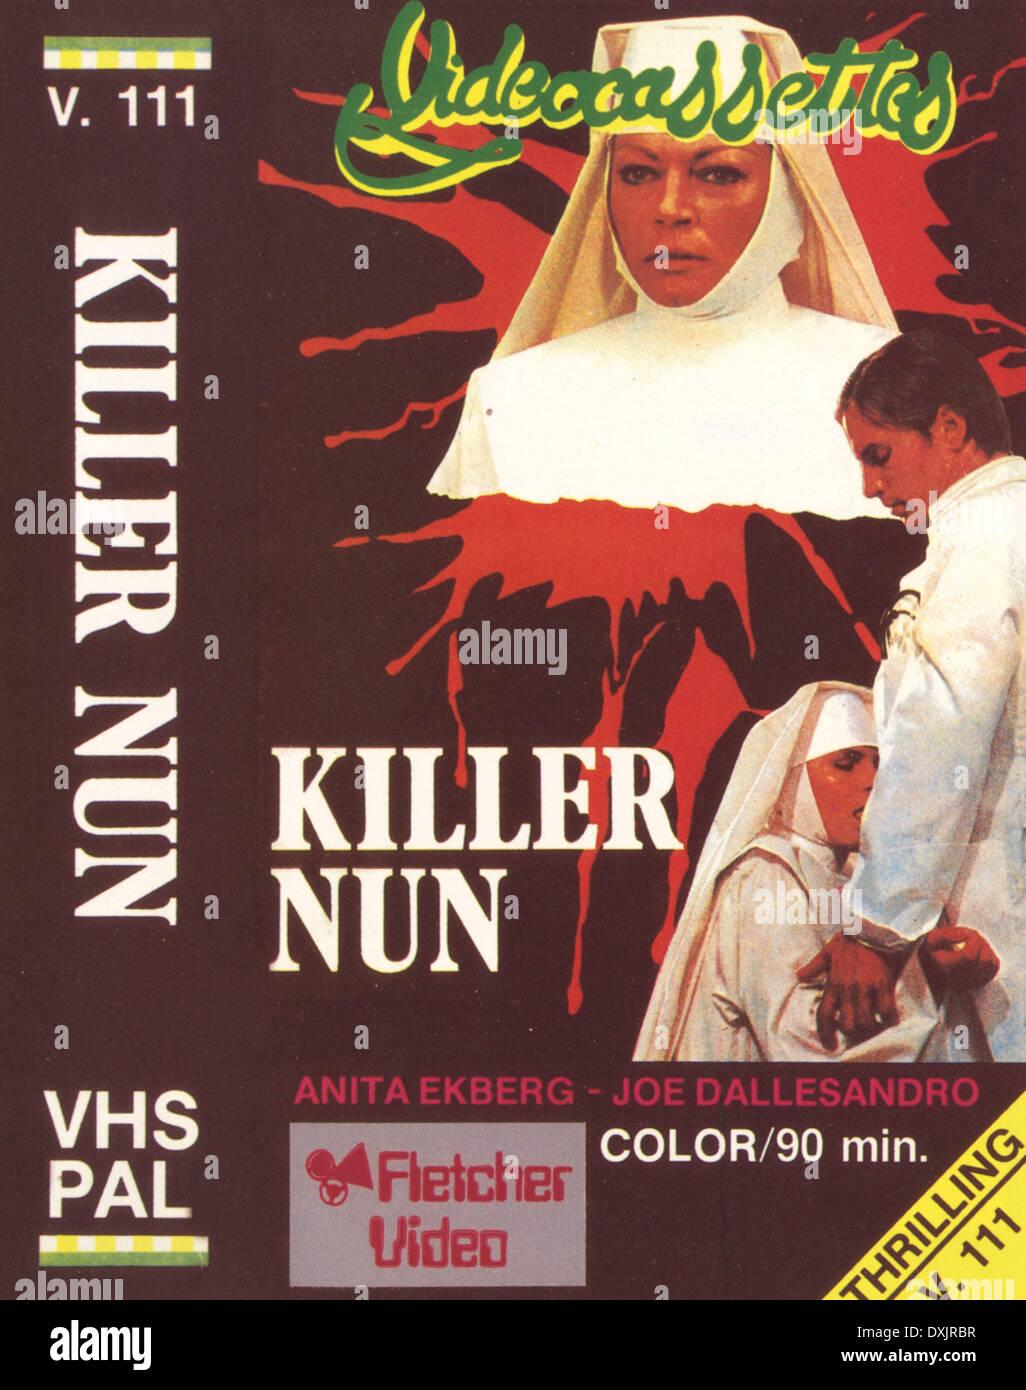 KILLER NUN (1978) IMMAGINI DAL RONALD GRANT ARCHIVE Immagini Stock